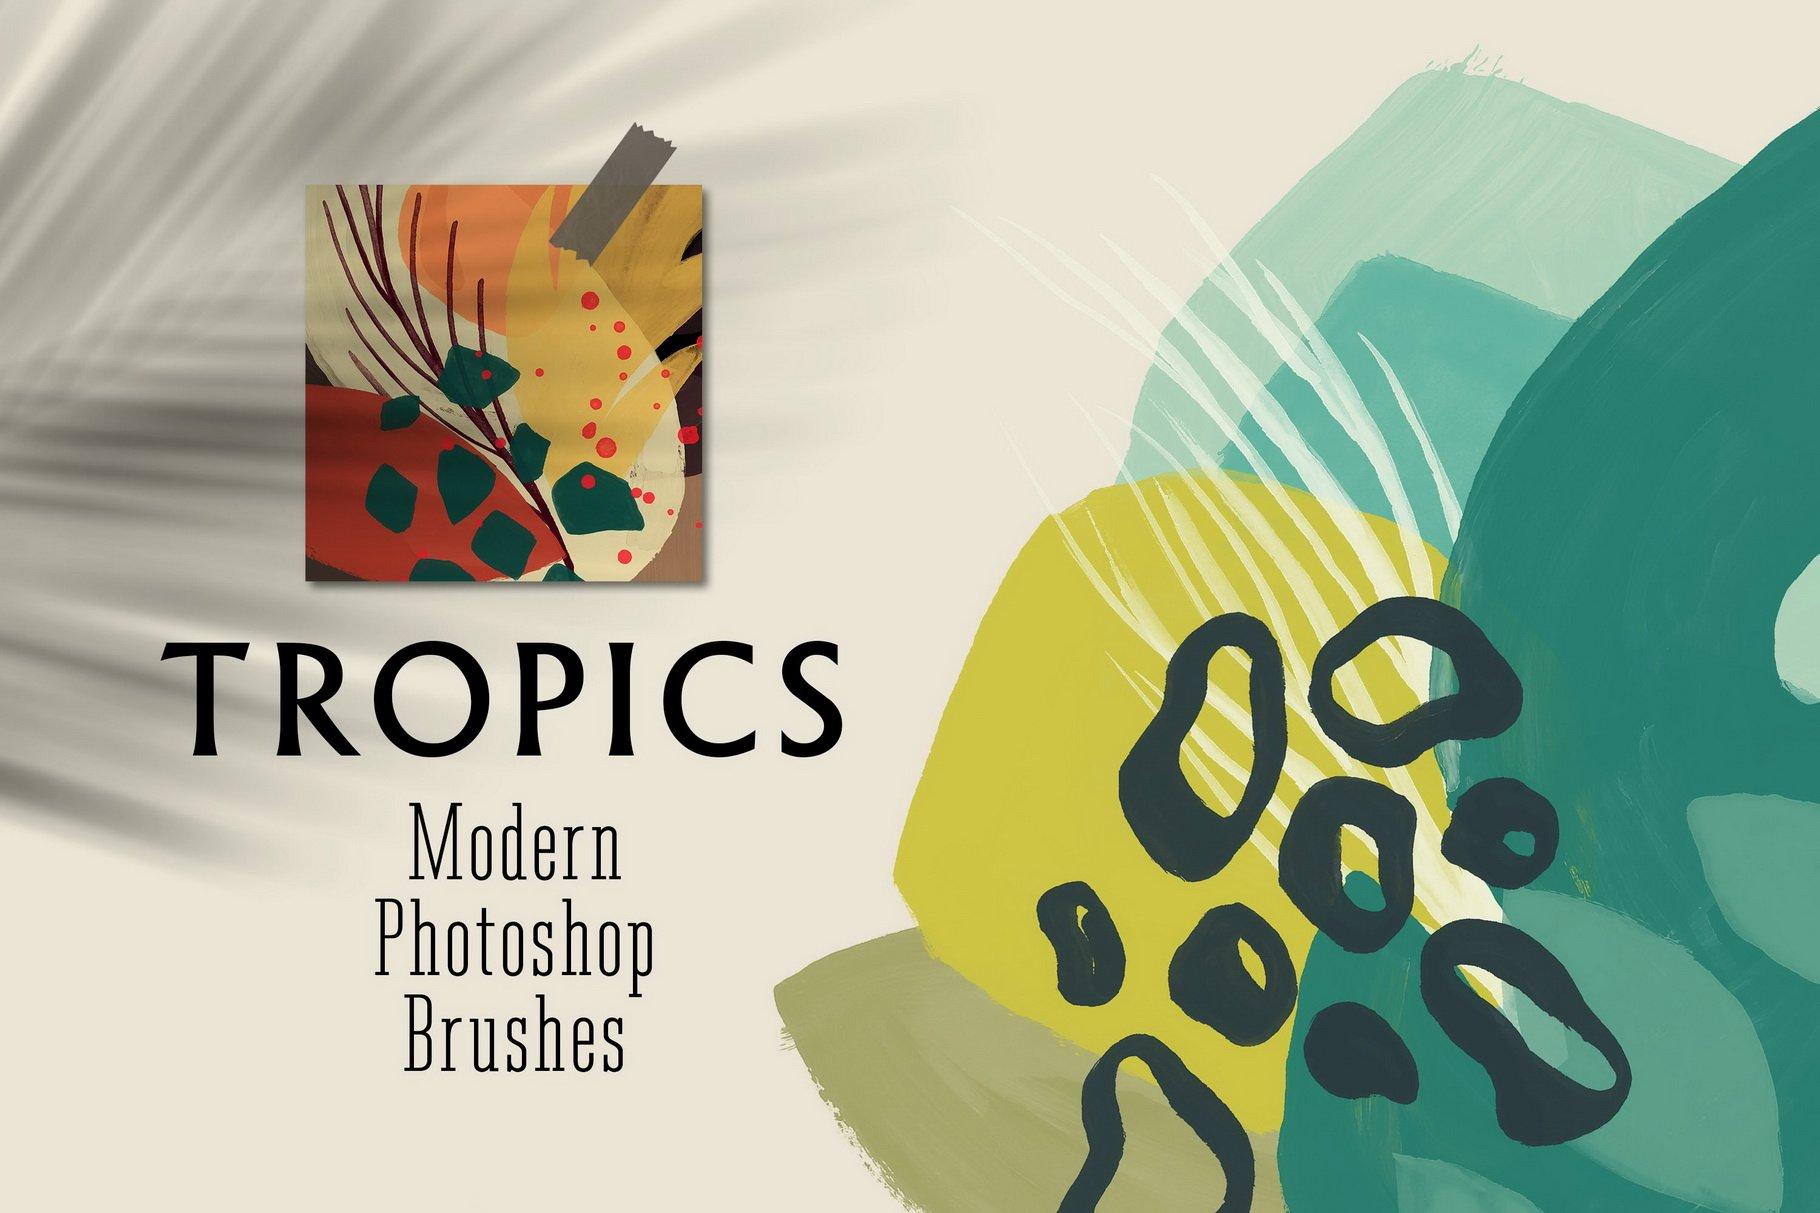 775款艺术气息水彩水墨丙烯酸绘画效果PS图章笔刷素材 Photoshop Stamp Brushes Bundle 2020插图17